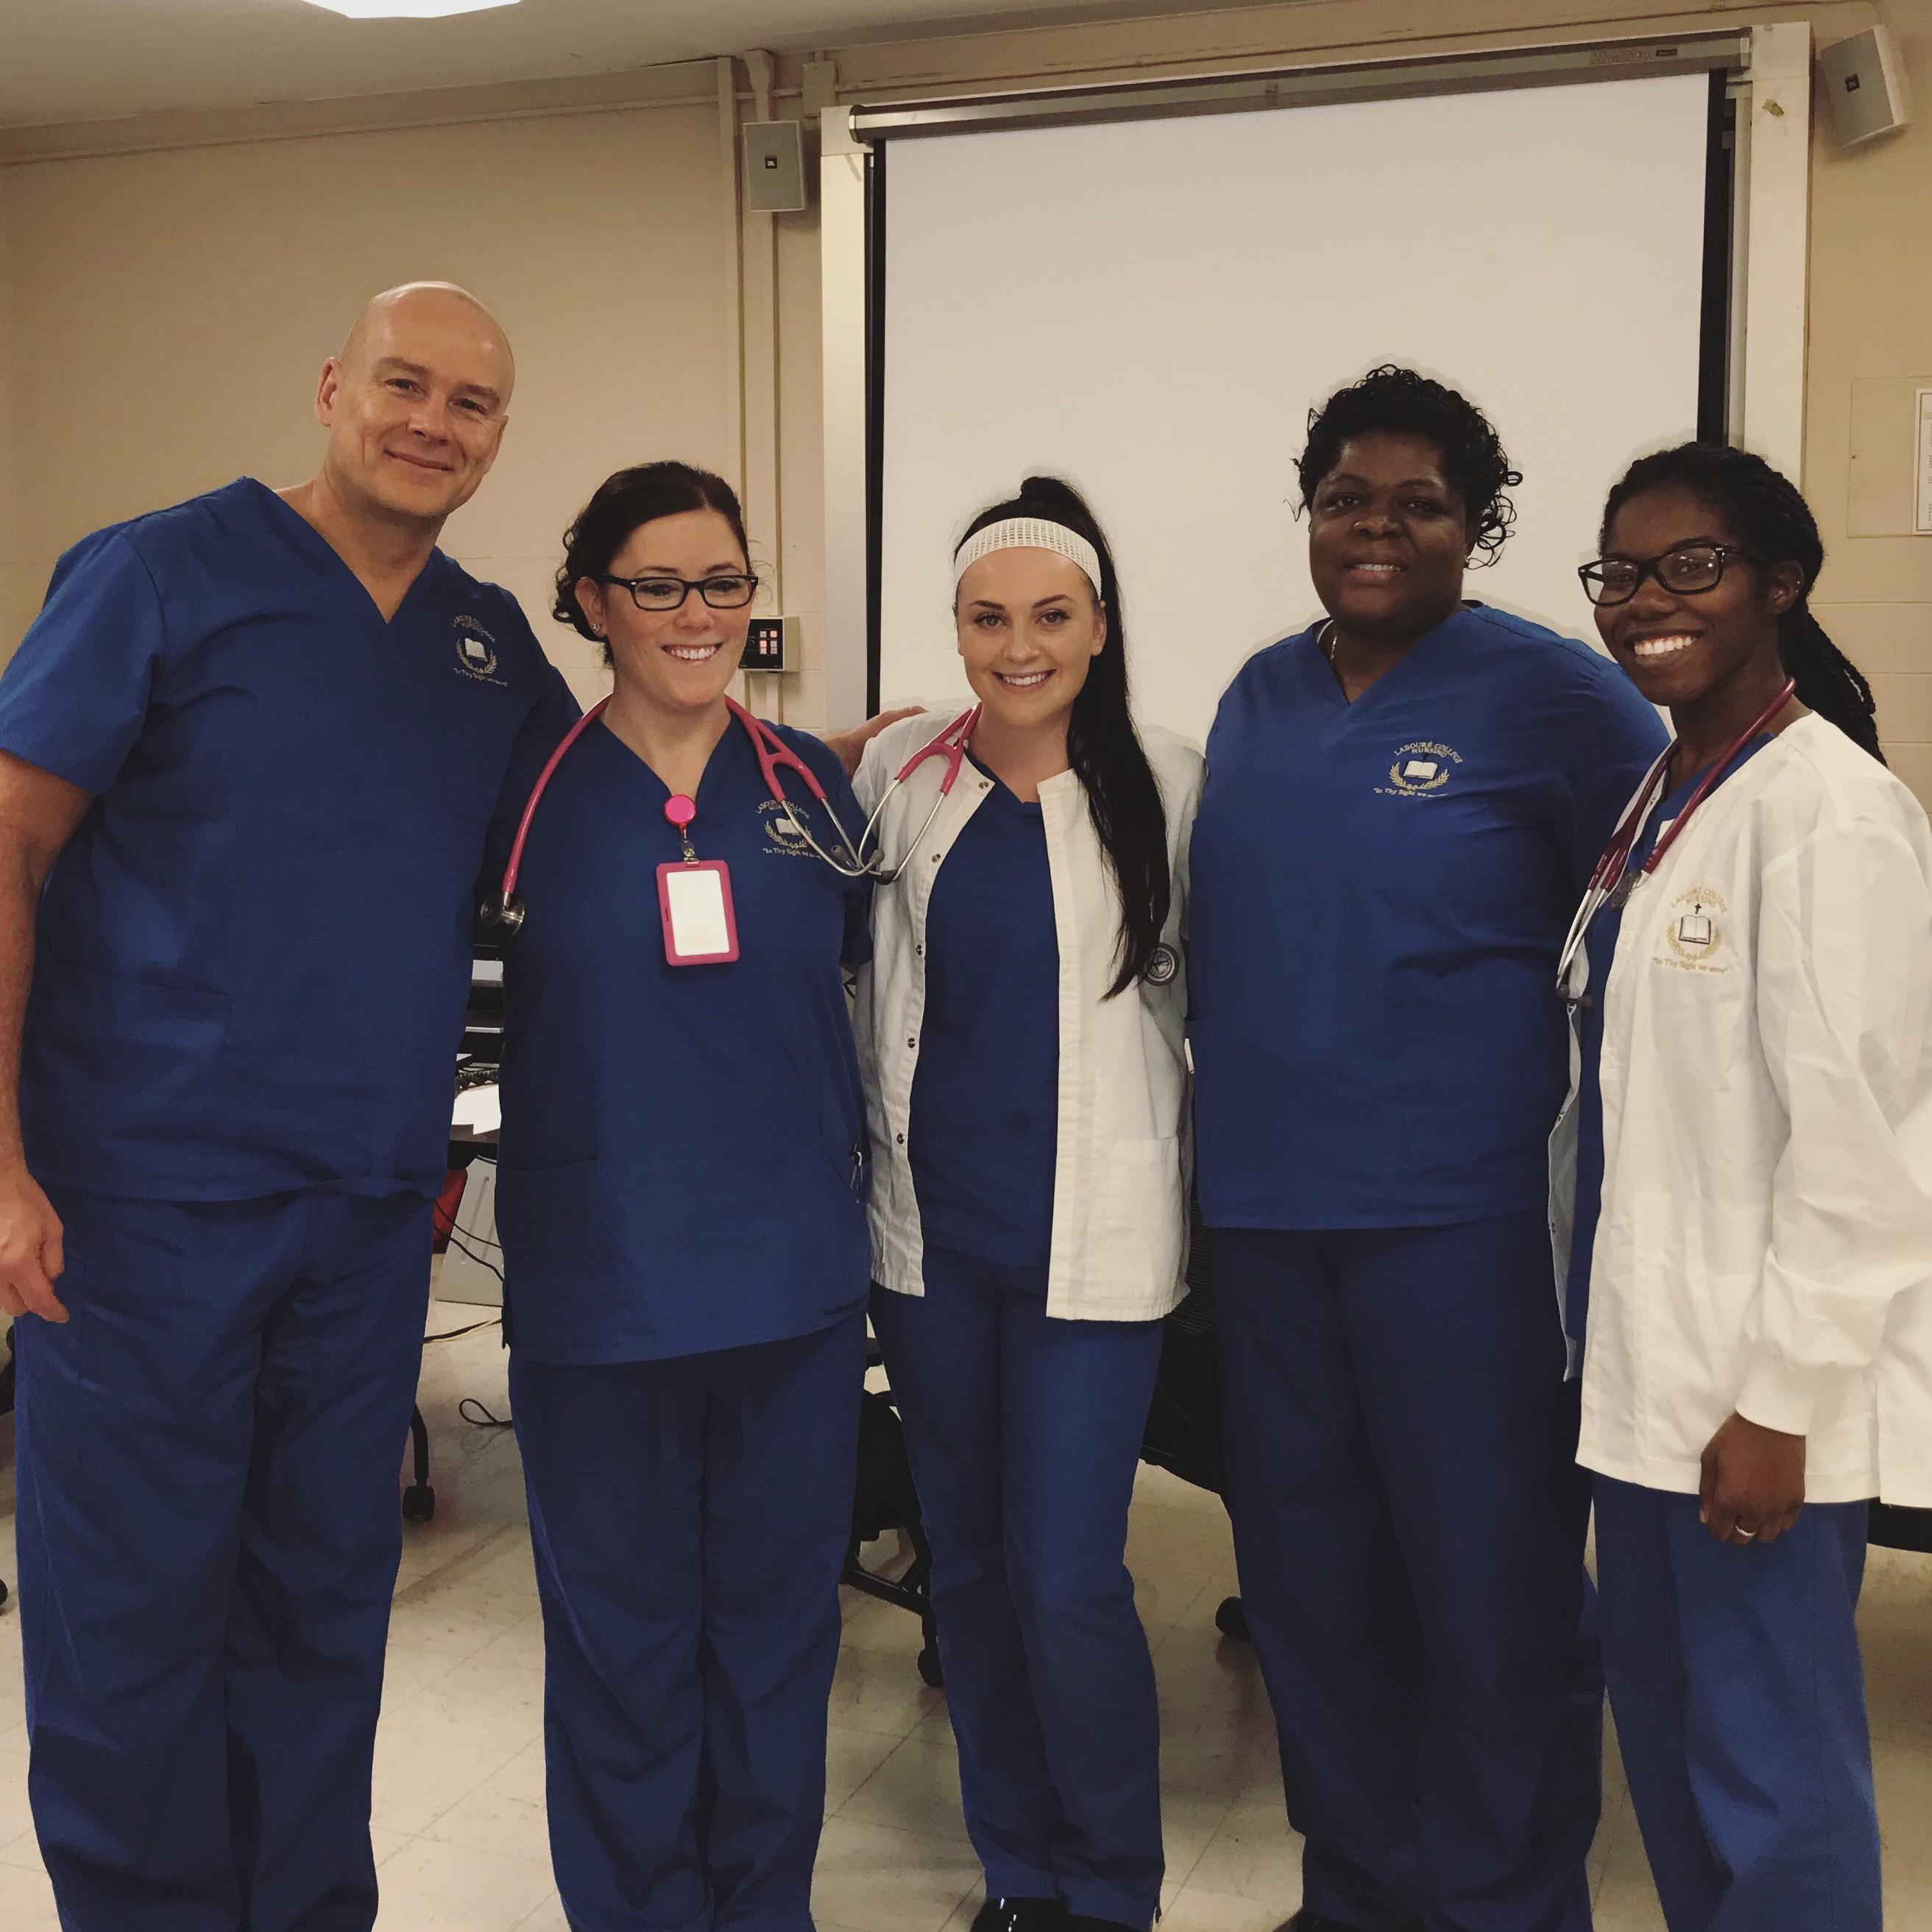 Student Spotlight: John Cummings, Student in Associate Nursing Program